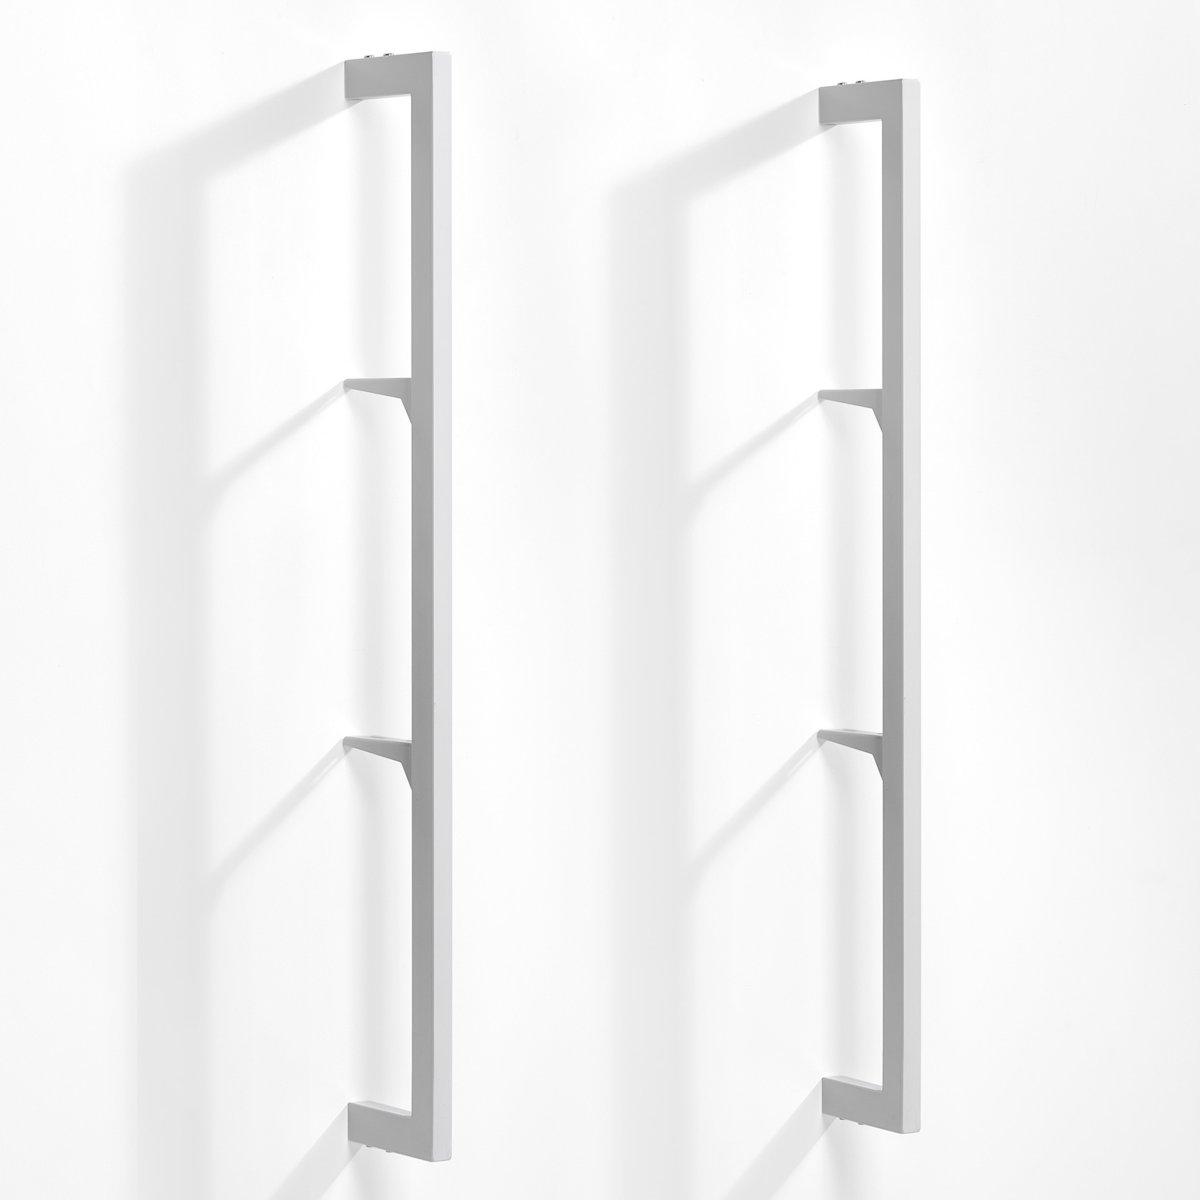 Комплект из 2 стоек Taktik для модулей хранения